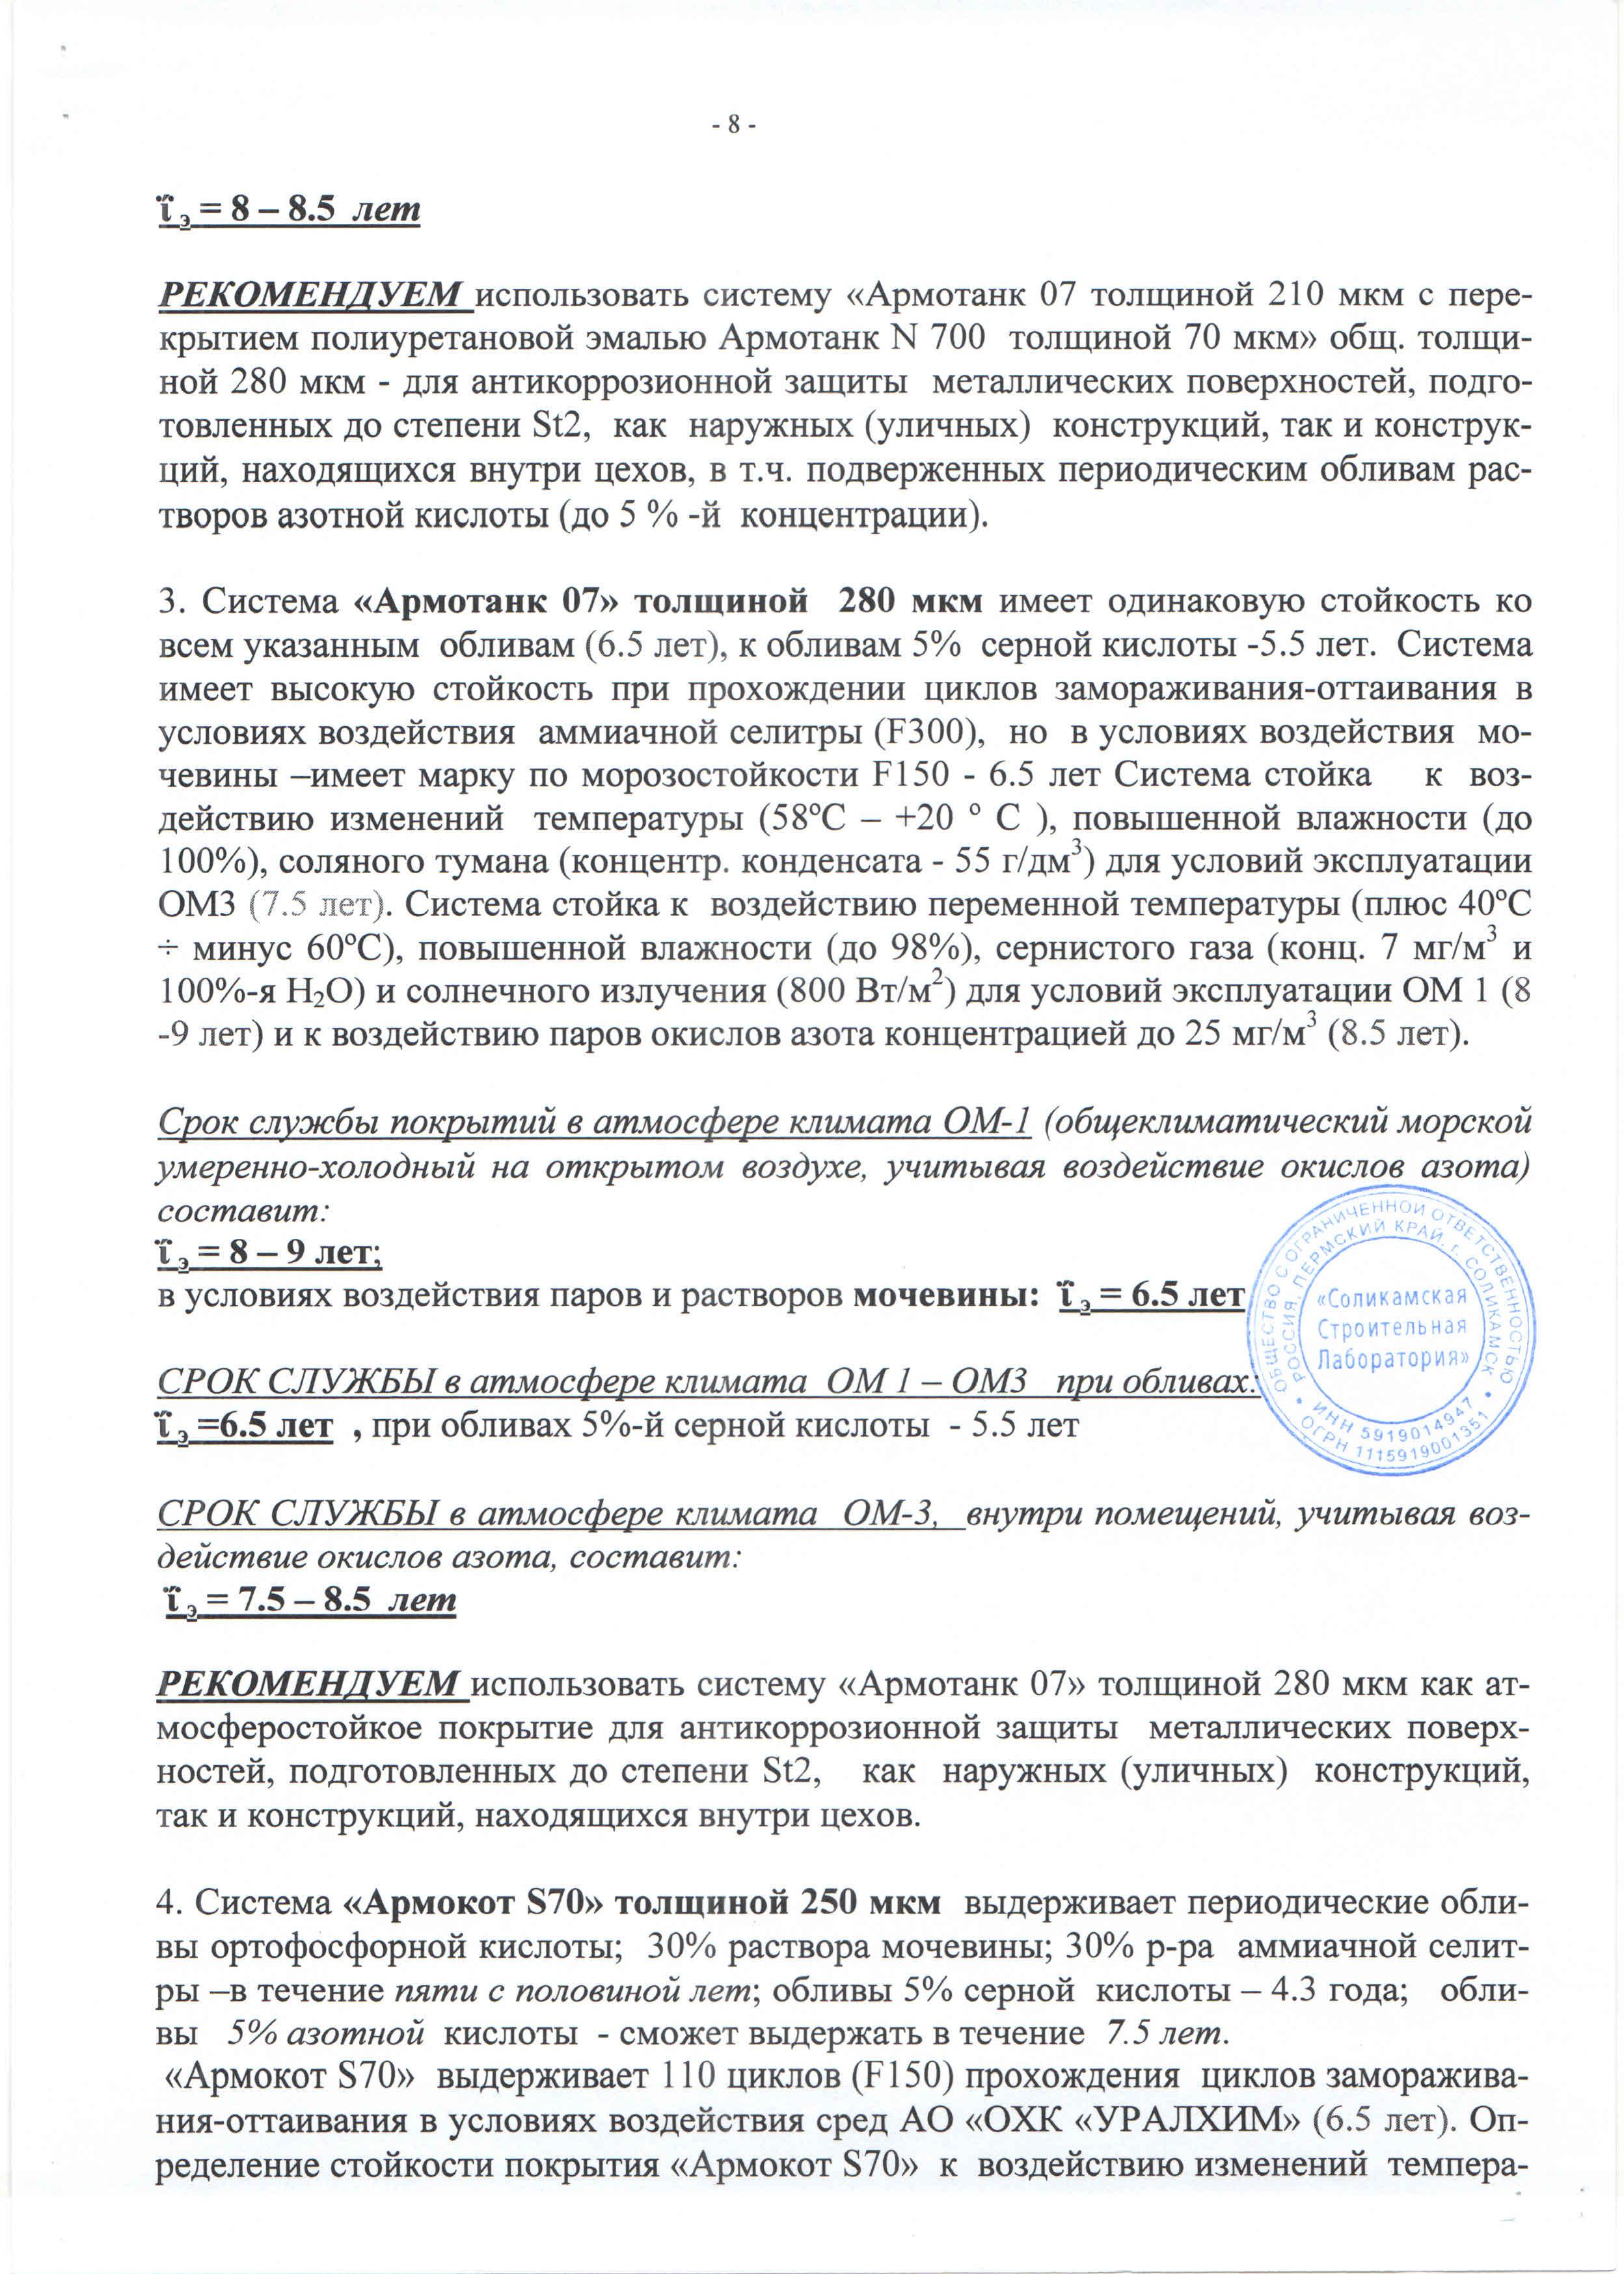 Заключение ООО «Соликамская строительная лаборатория» металл Уралхим 07N70007 N77007S70 (2)_Страница_8